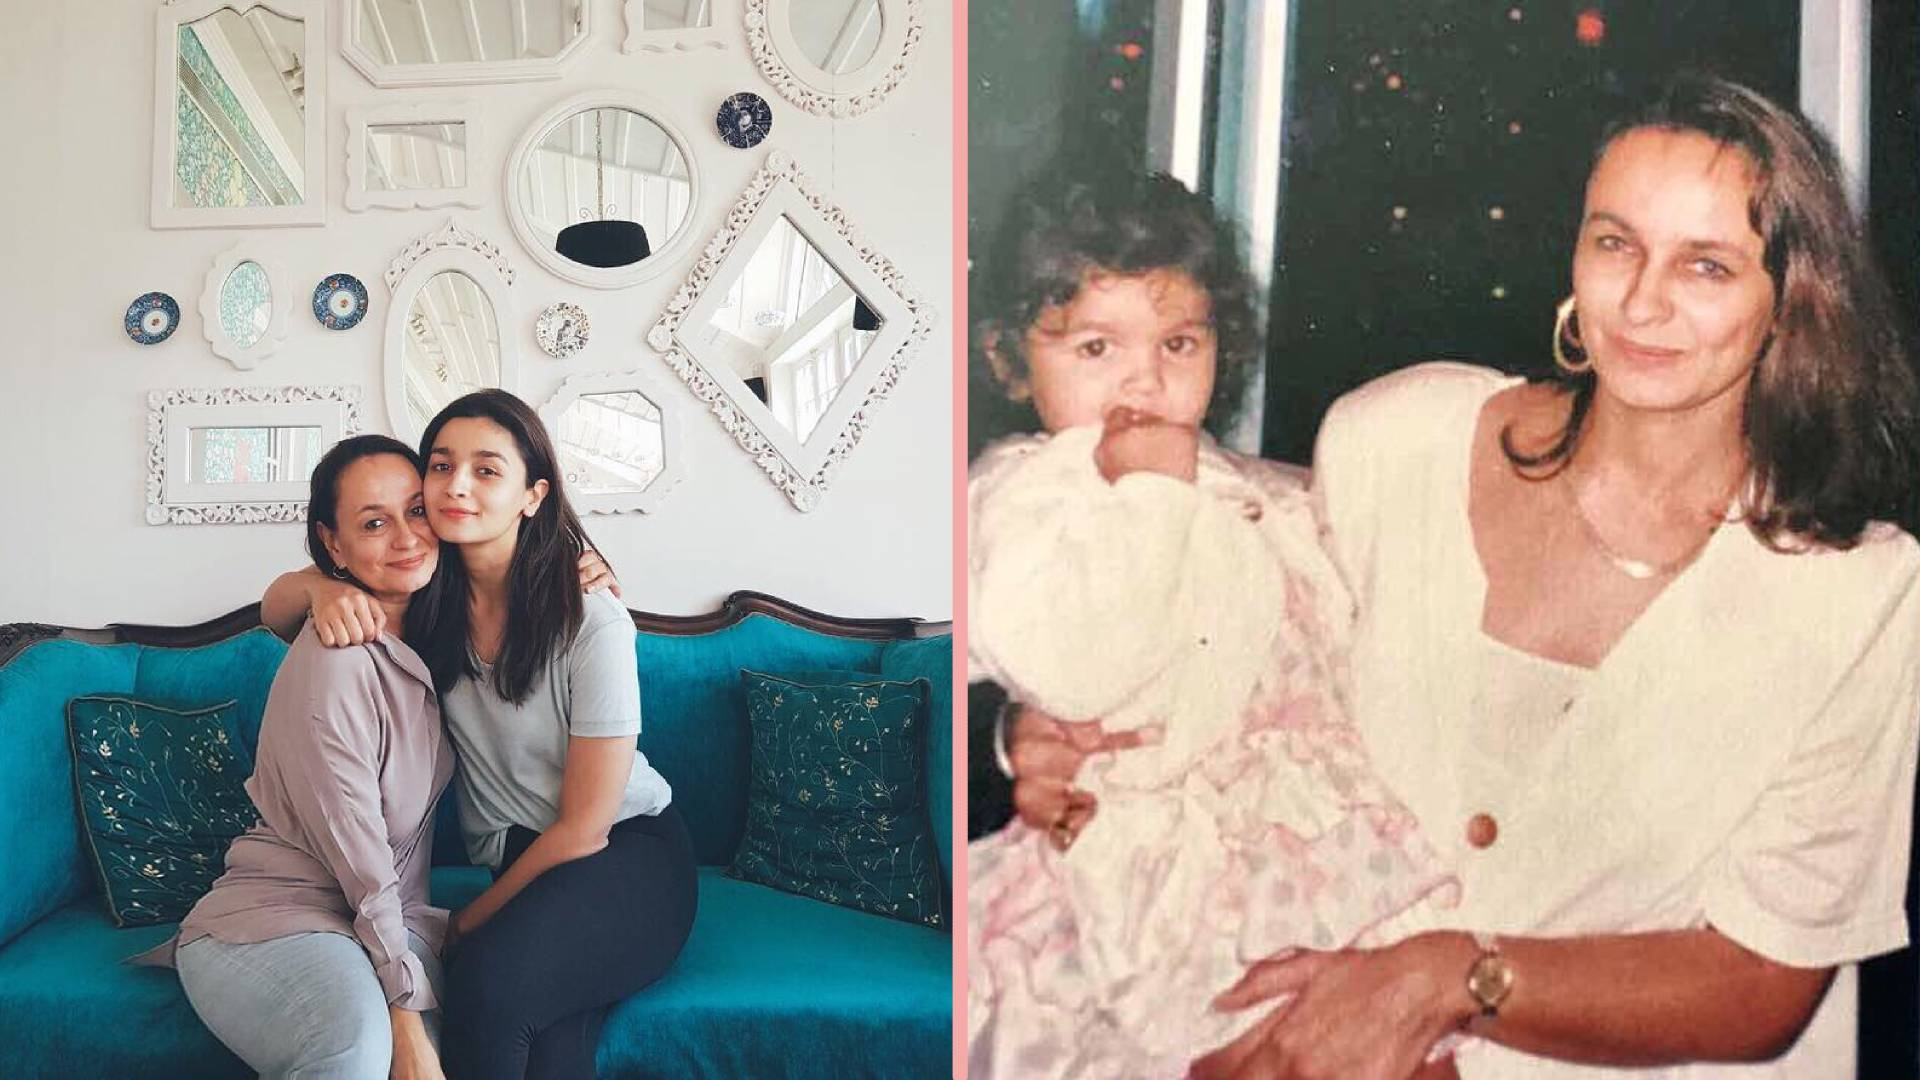 एक्सक्लूसिव इंटरव्यू: बेटी के बर्थडे पर मां सोनी राजदान ने कहा- मेरी फेवरेट है आलिया भट्ट की ये फिल्म!